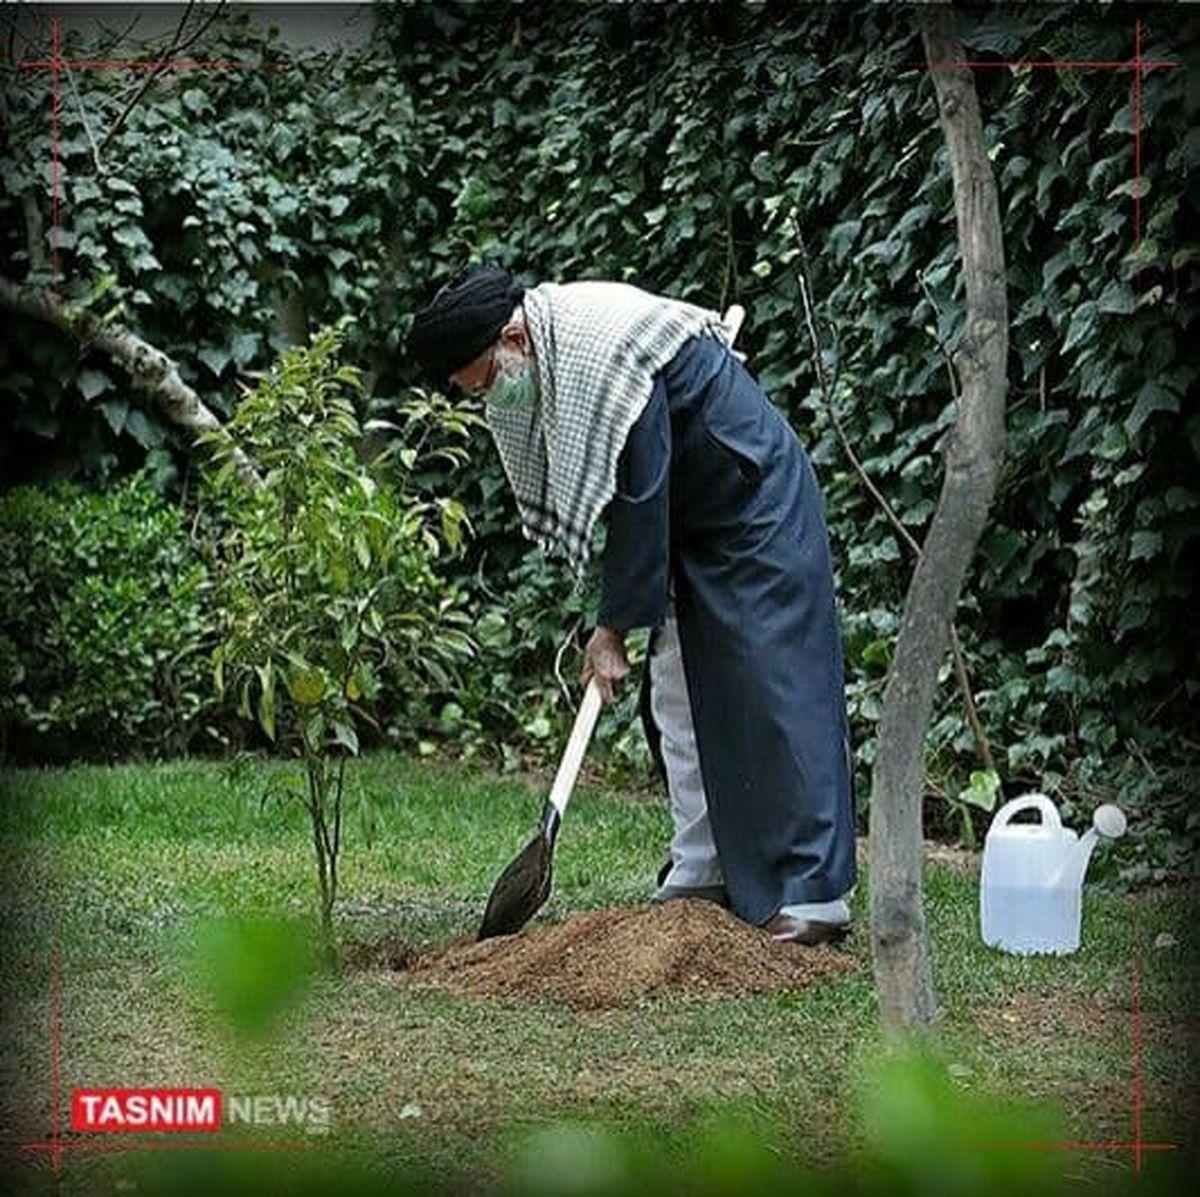 تصویری از رهبر معظم انقلاب در حال کاشت درخت